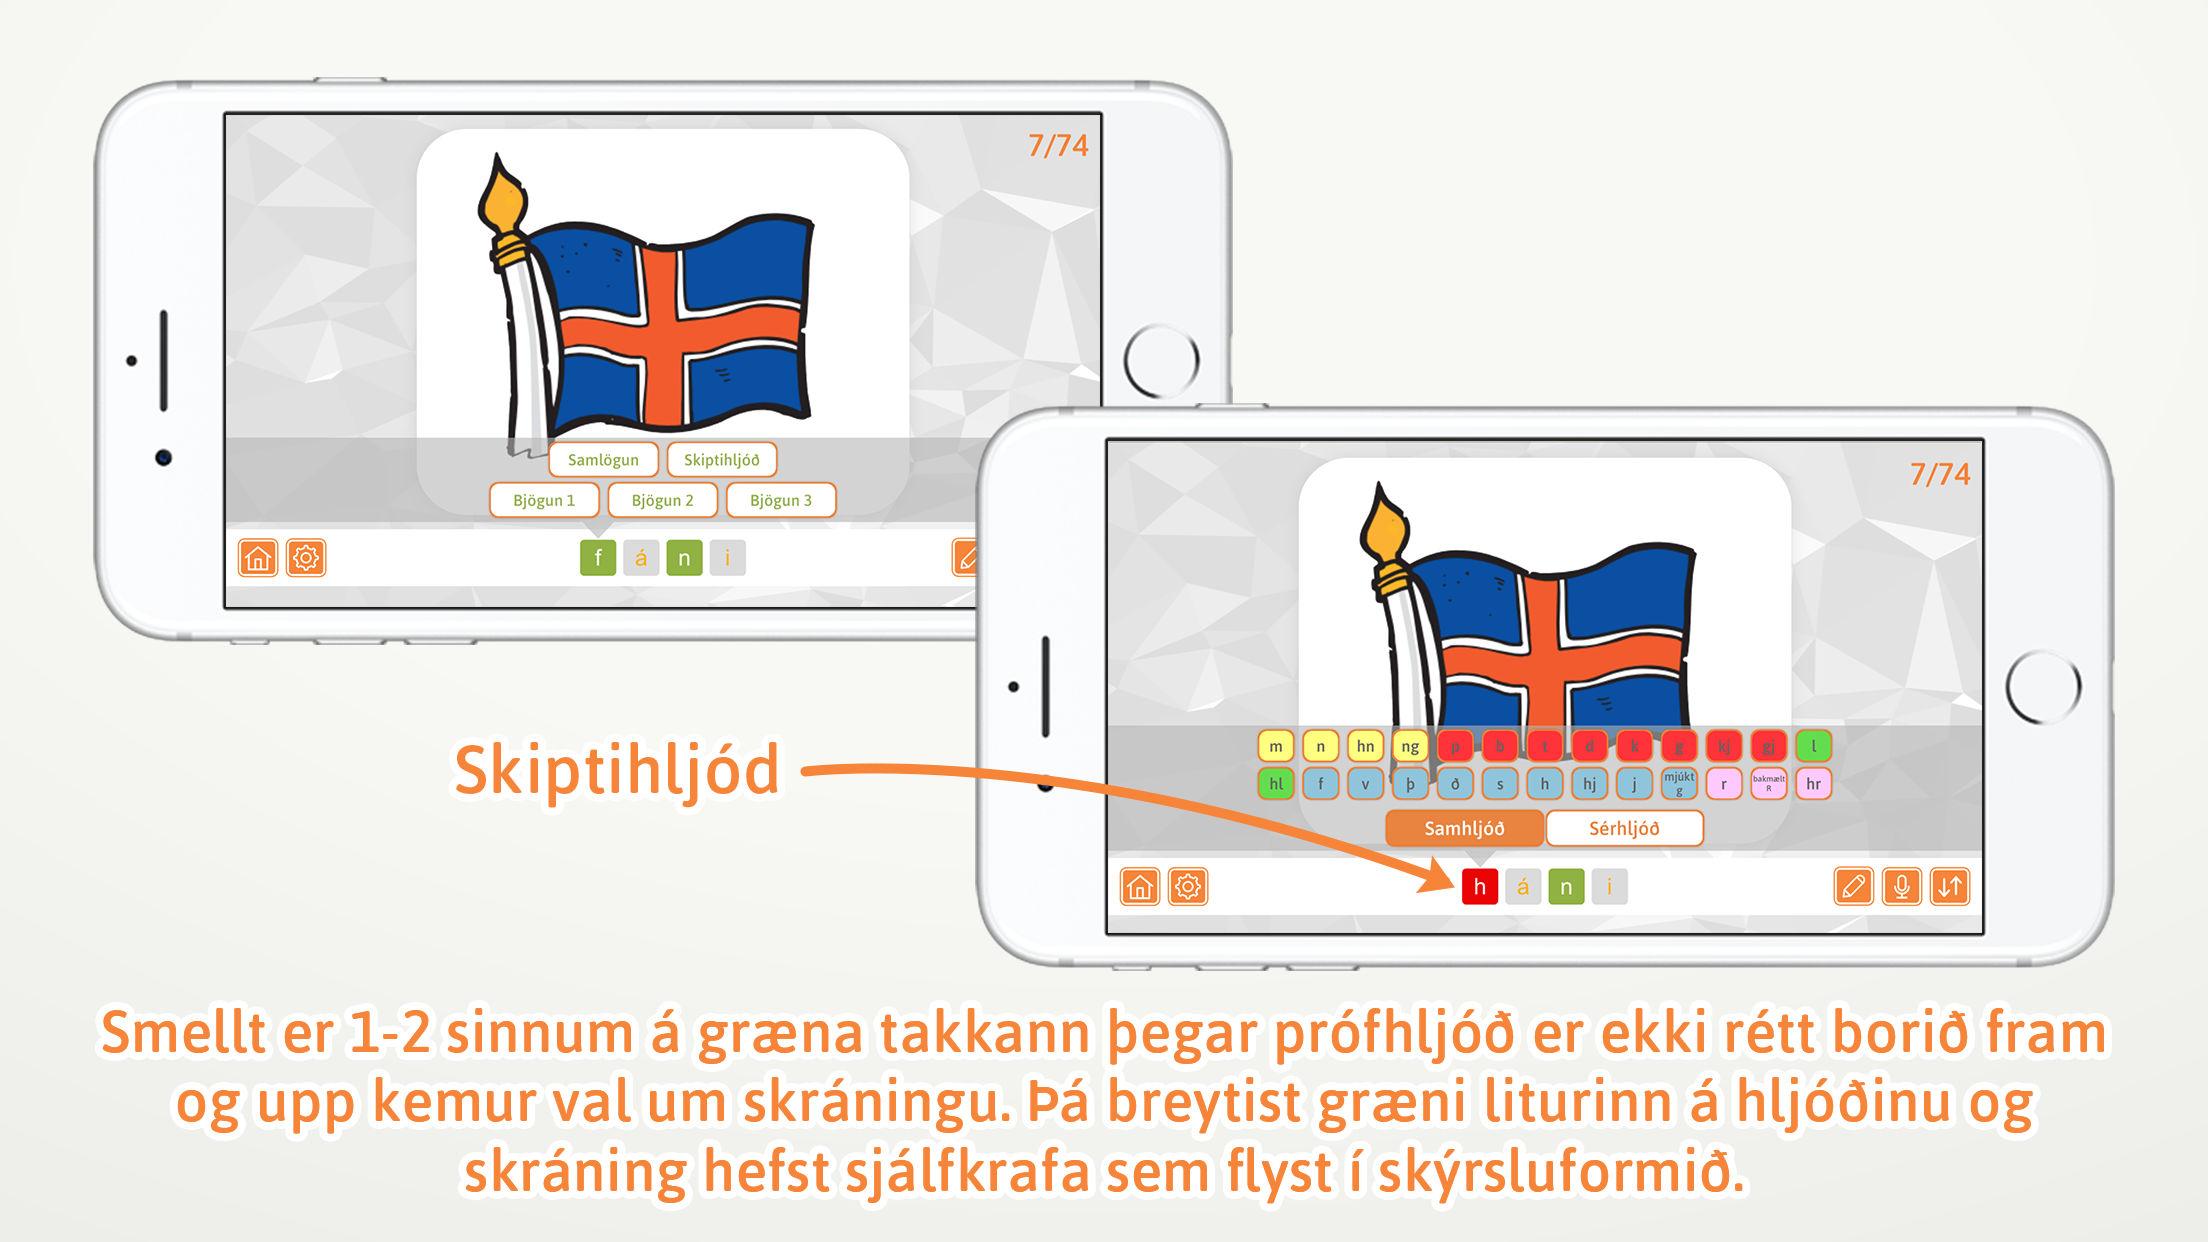 AppStore skiptihljóð með ör